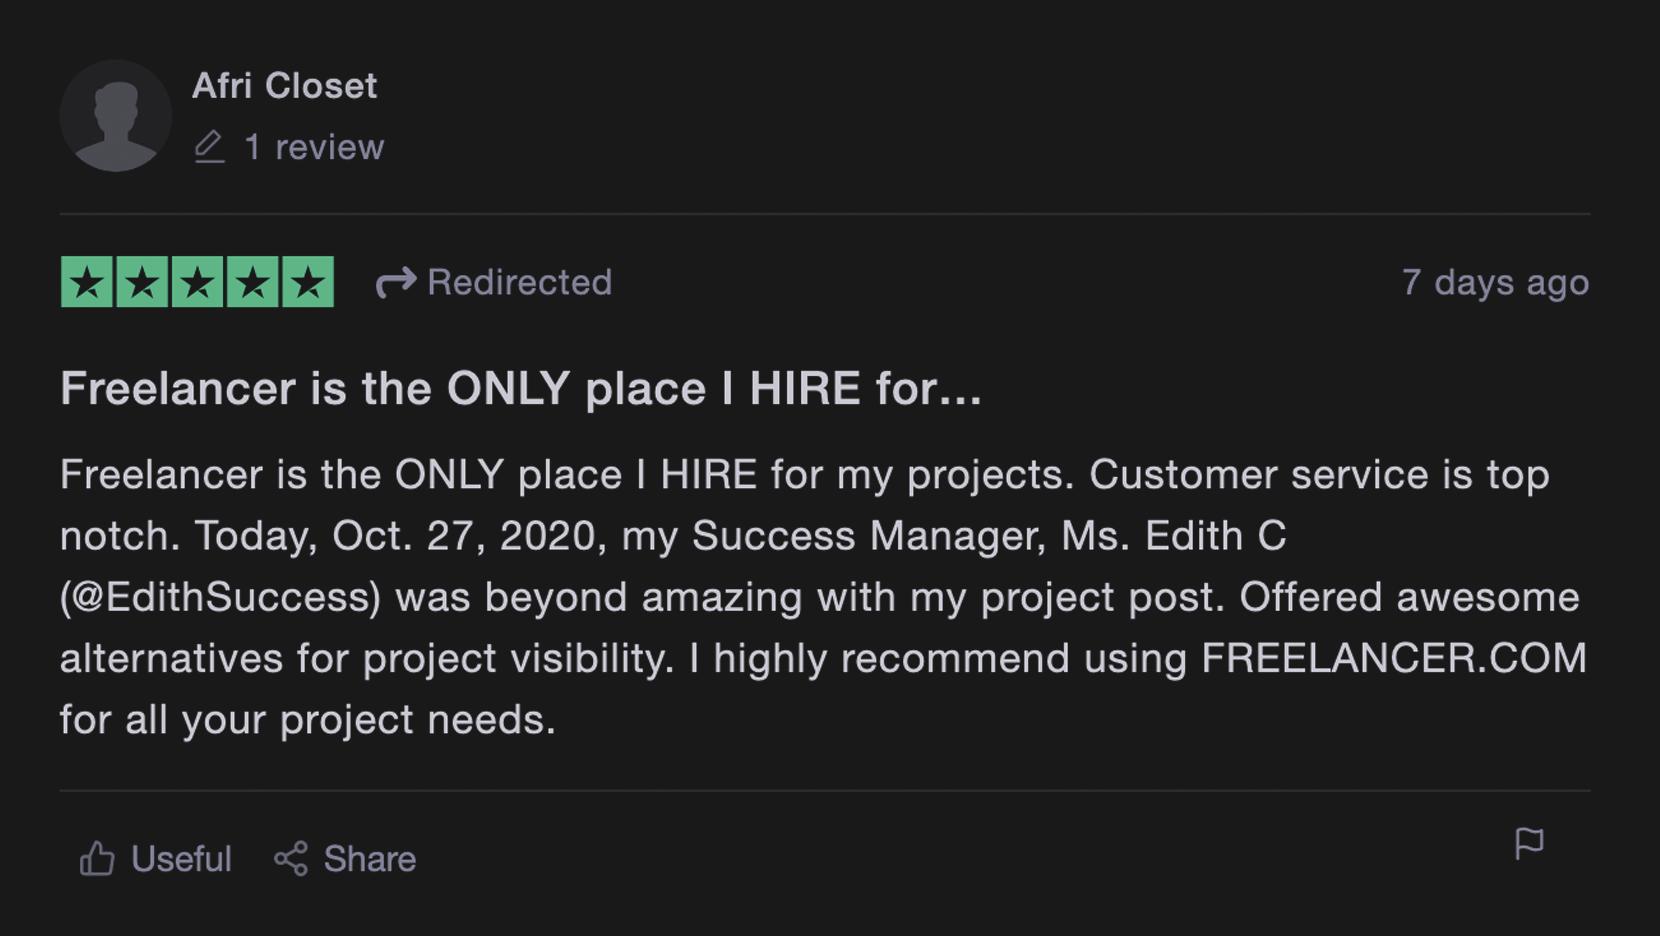 Freelancer feedback